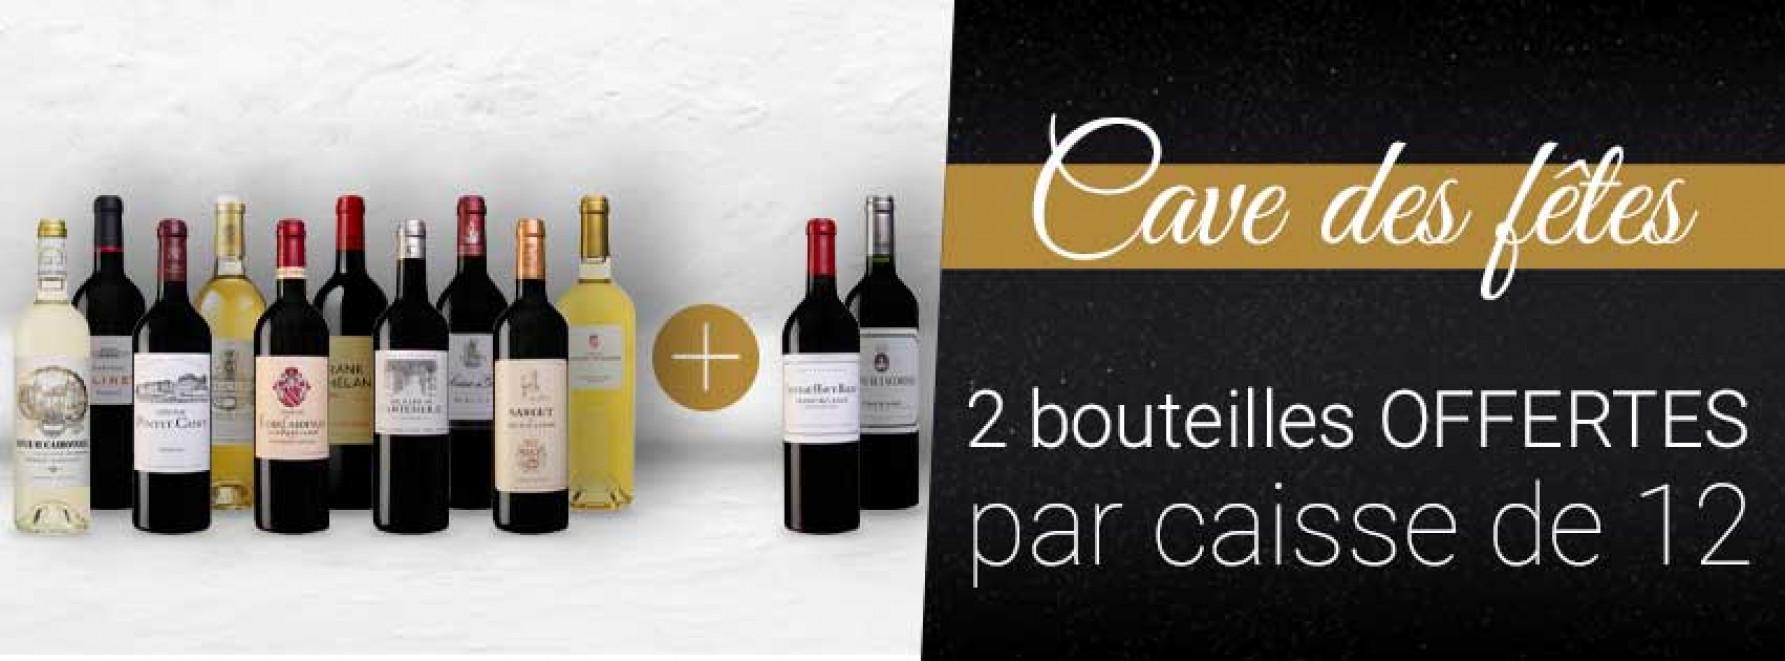 Cave des Fêtes : 10 + 2 bouteilles OFFERTES